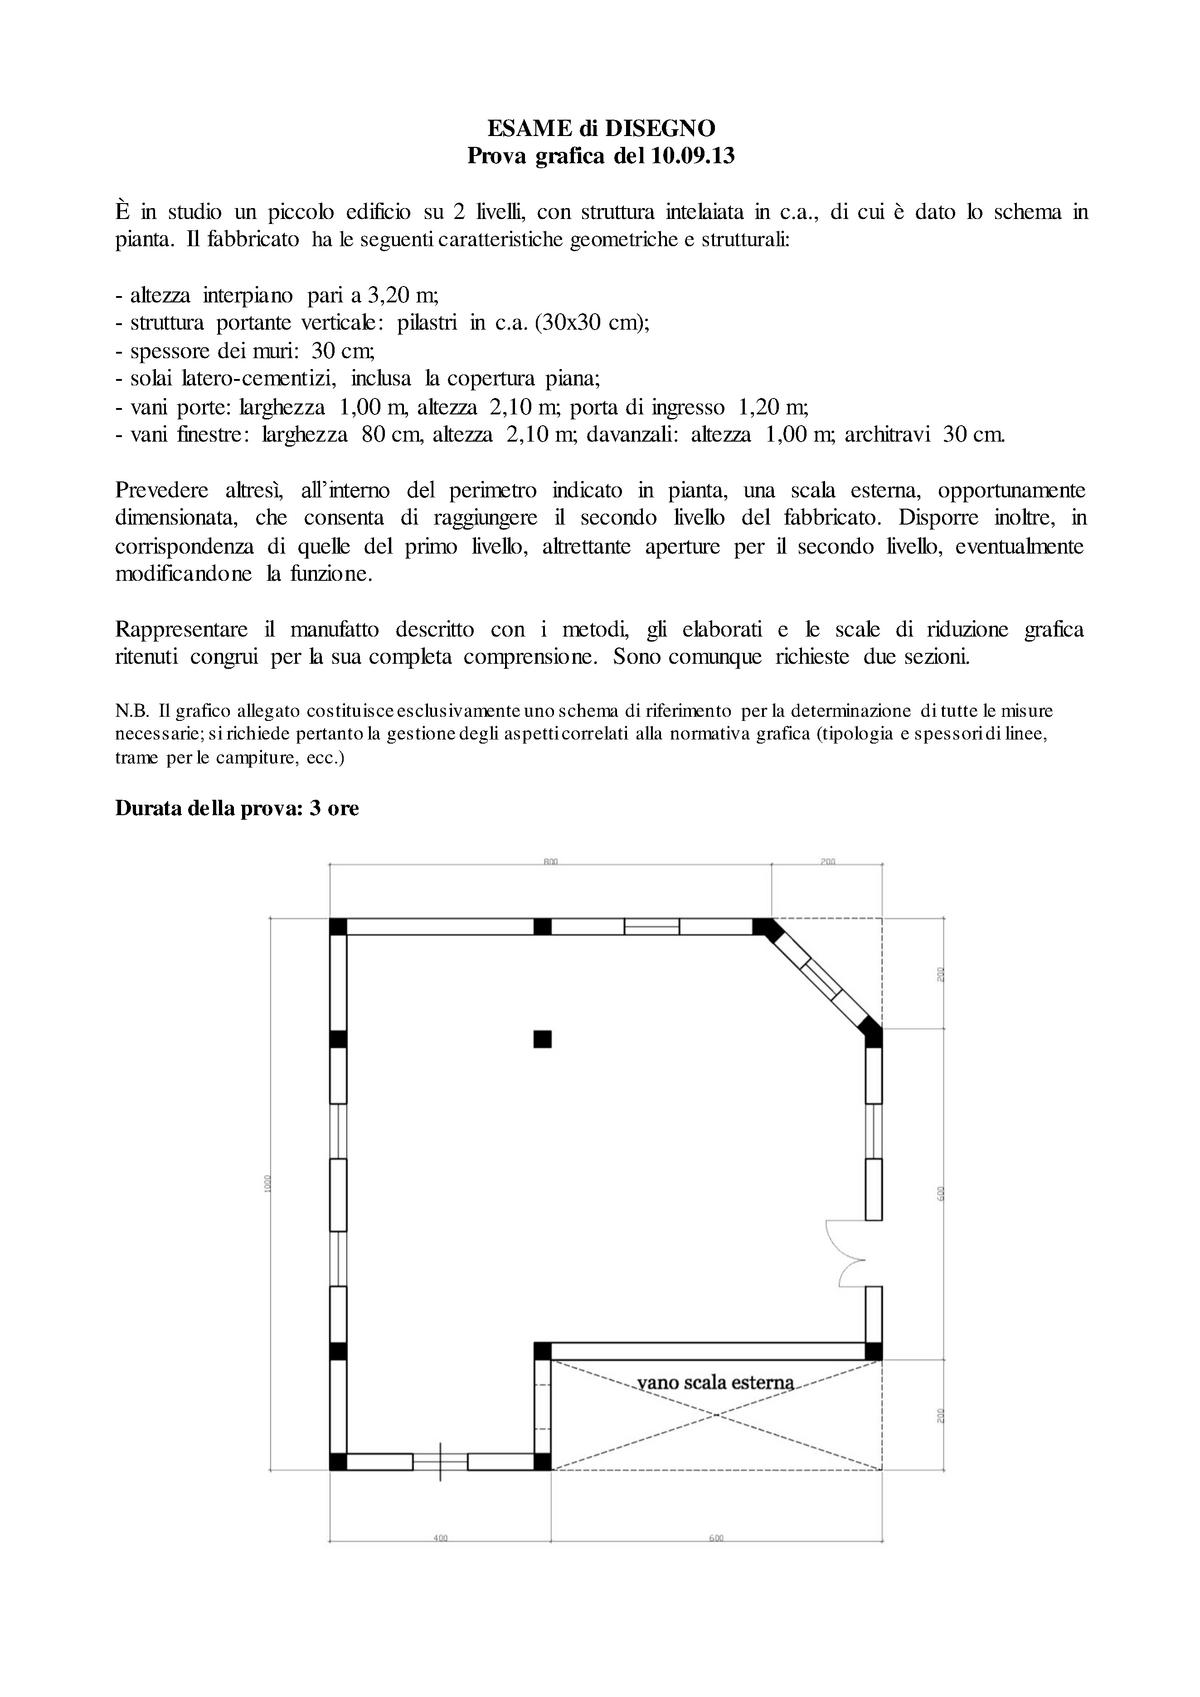 Dimensioni Porte Interne Normativa.Esame Di Disegno Del 10 Settembre 2013 Prova Grafica Studocu